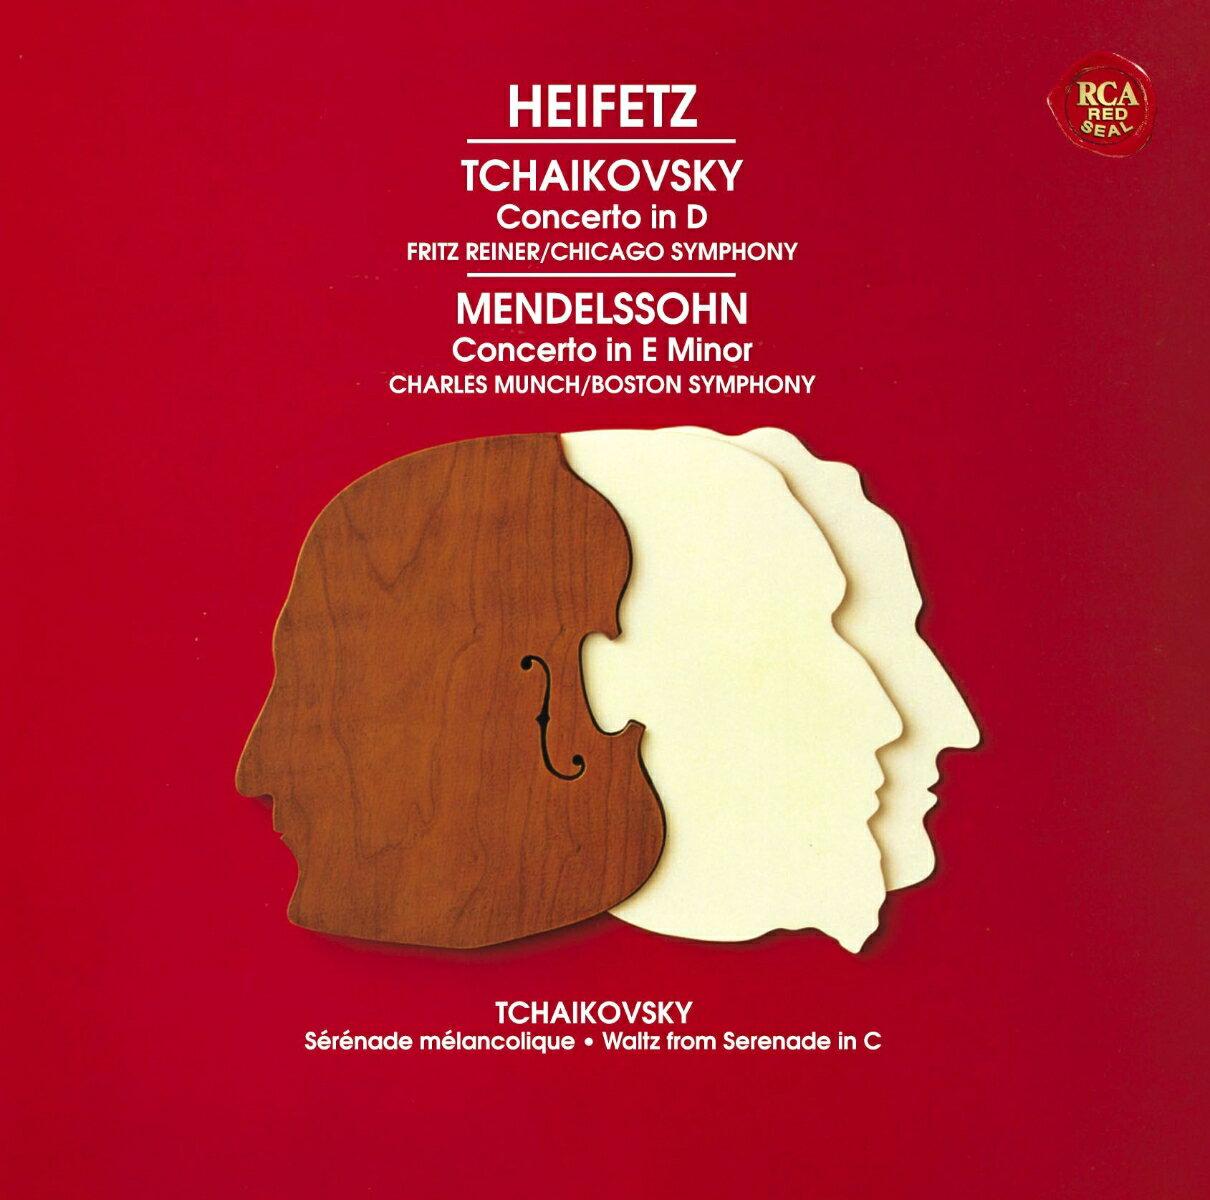 メンデルスゾーン&チャイコフスキー:ヴァイオリン協奏曲 [ ヤッシャ・ハイフェッツ ]